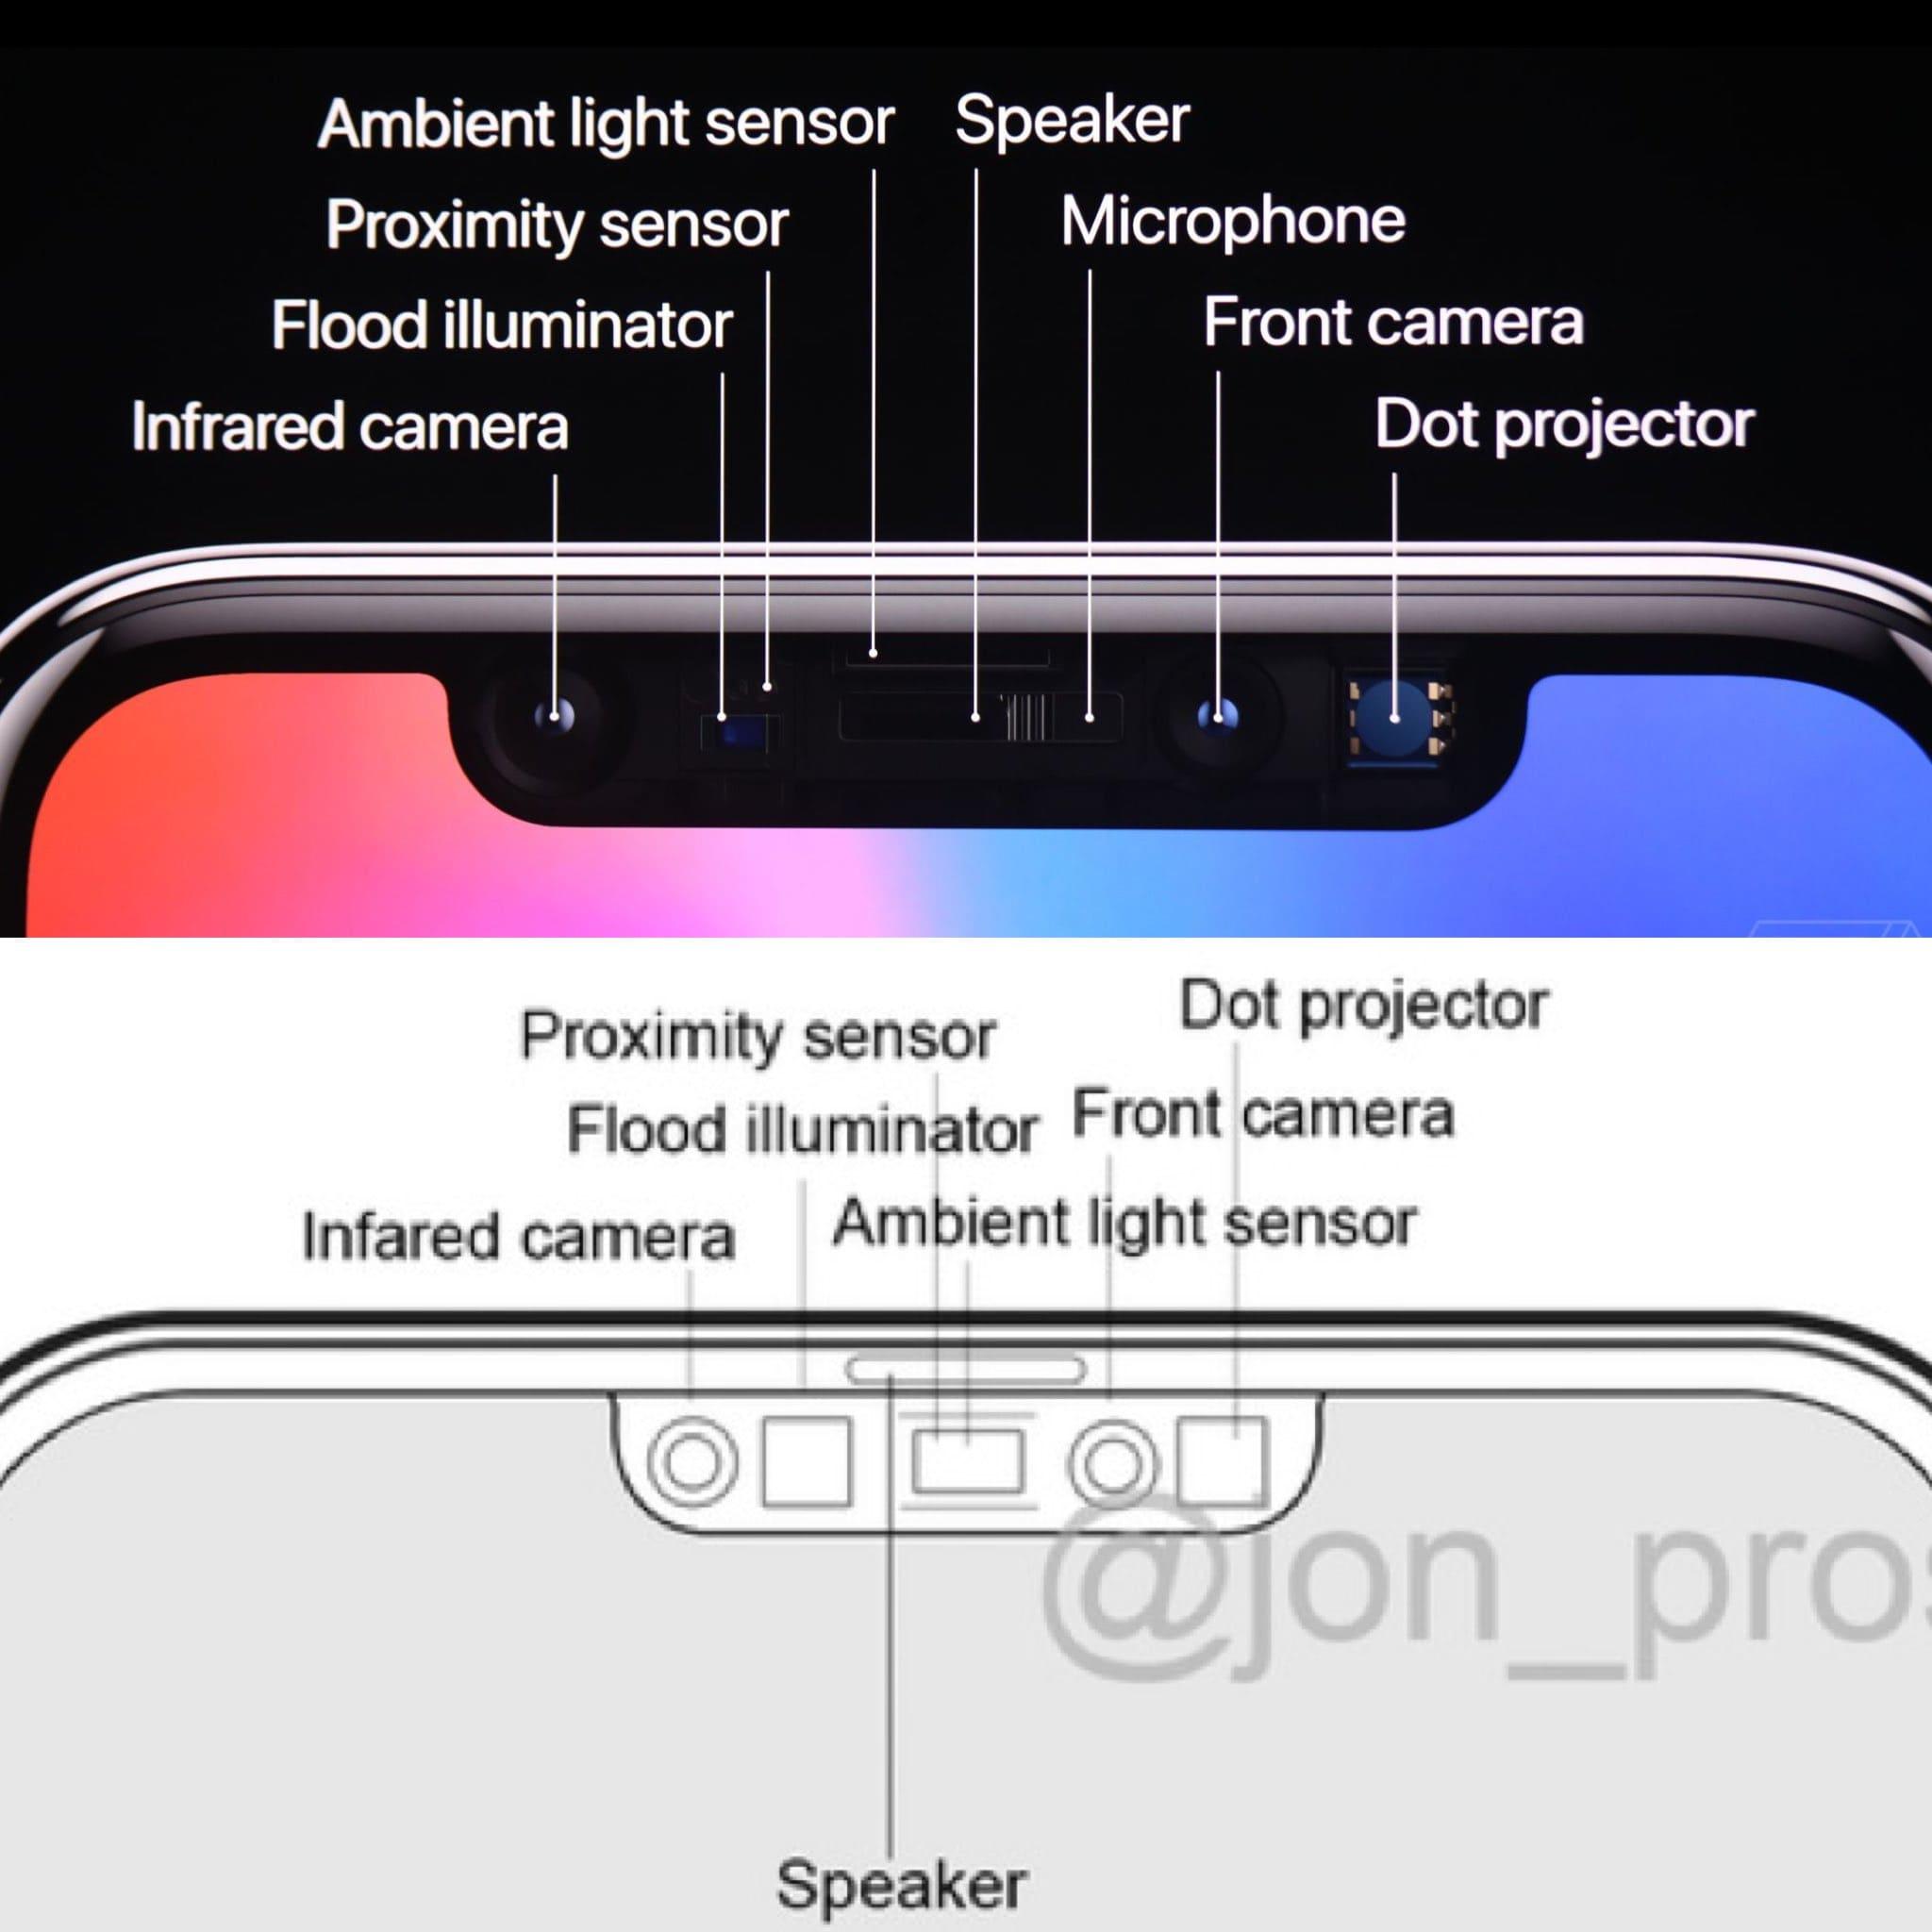 nuevo-notch-iPhone-12-filtrado